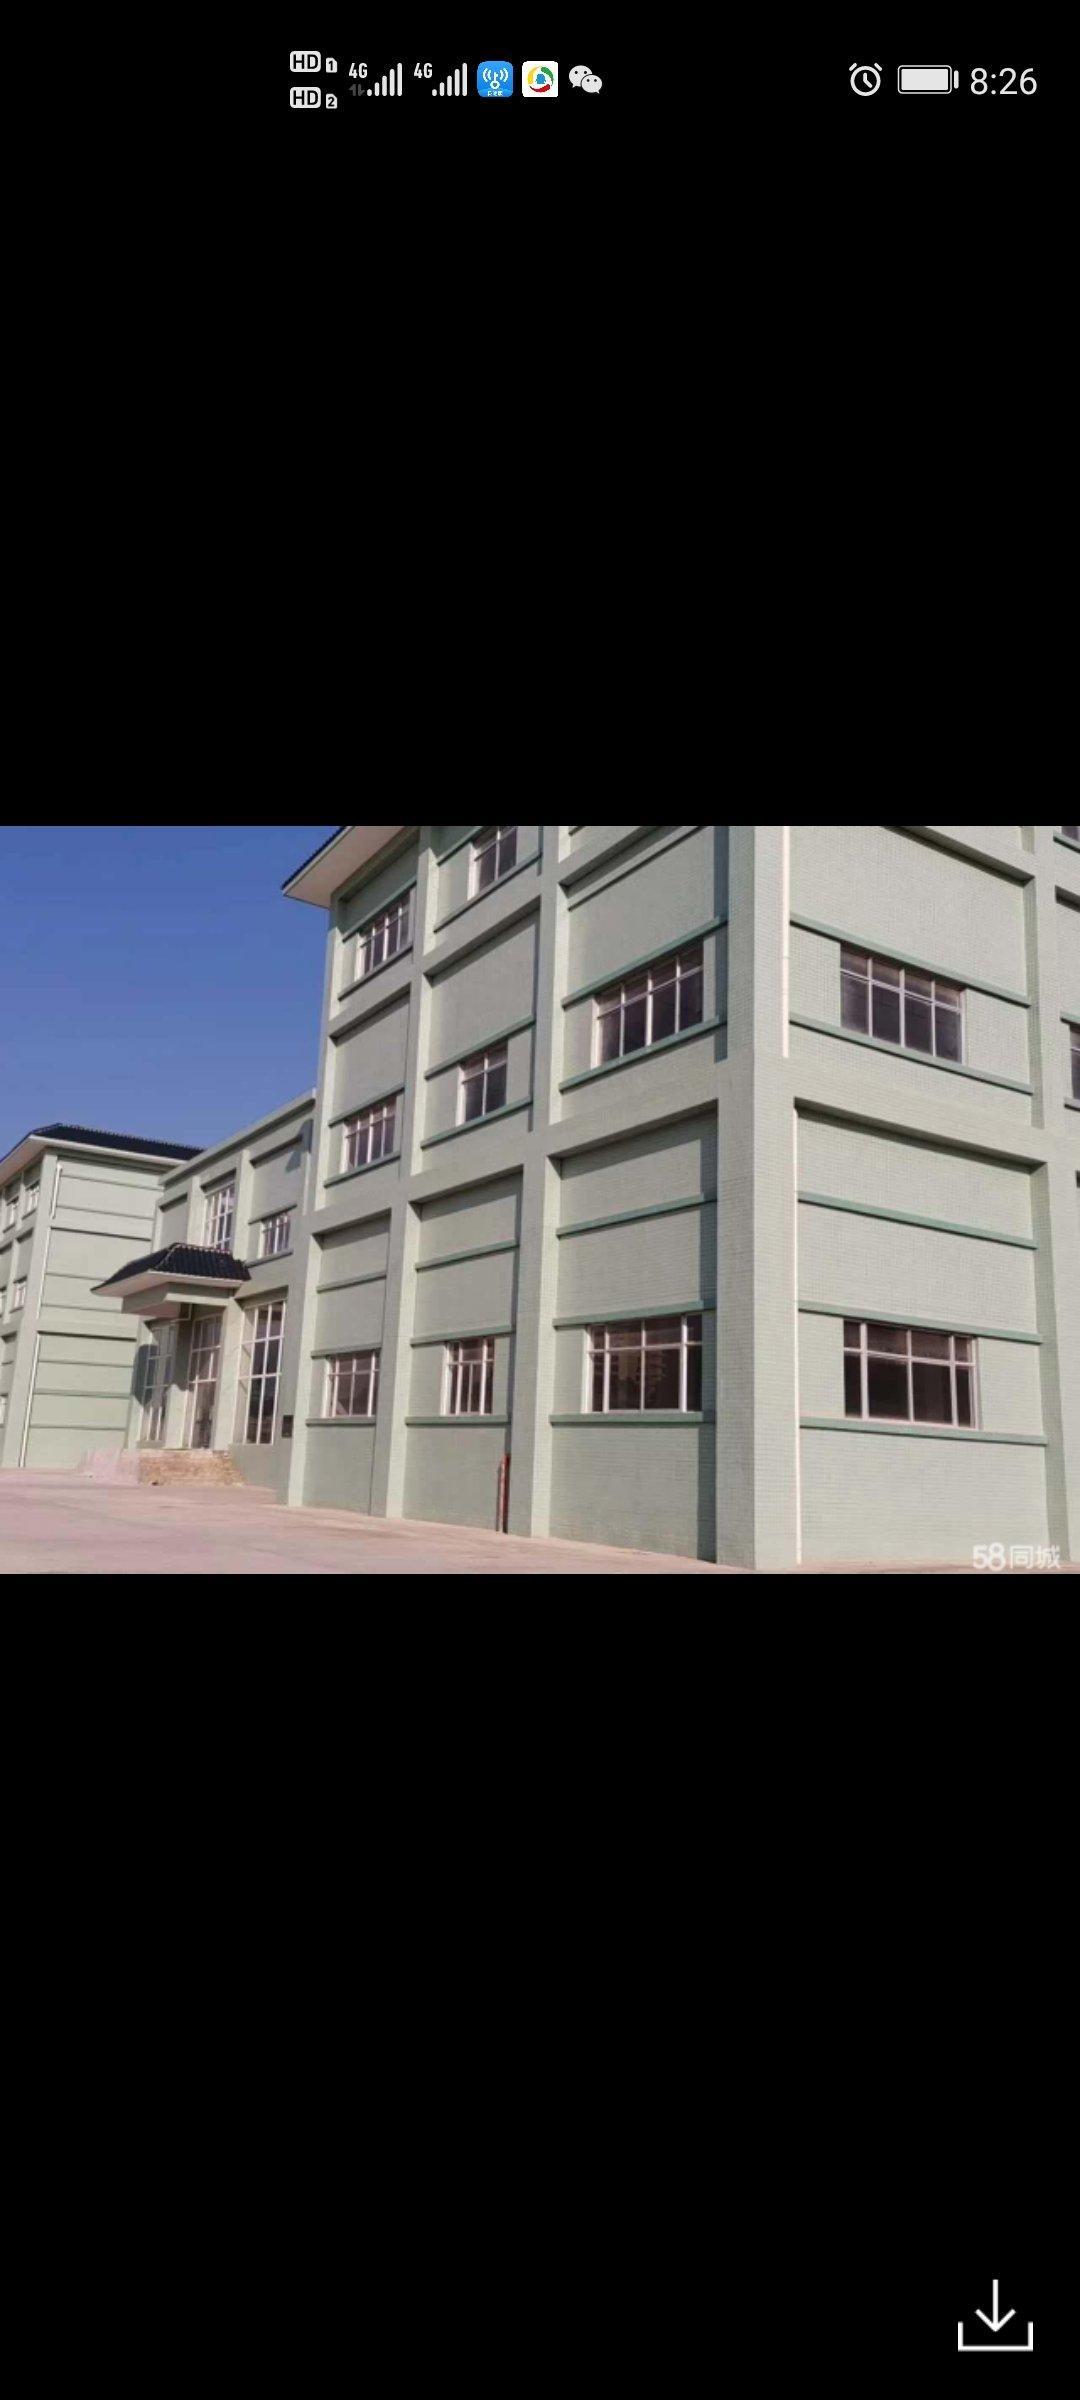 惠州博罗四万平方,滴水超高14米,红本厂房仓库,隆重招商